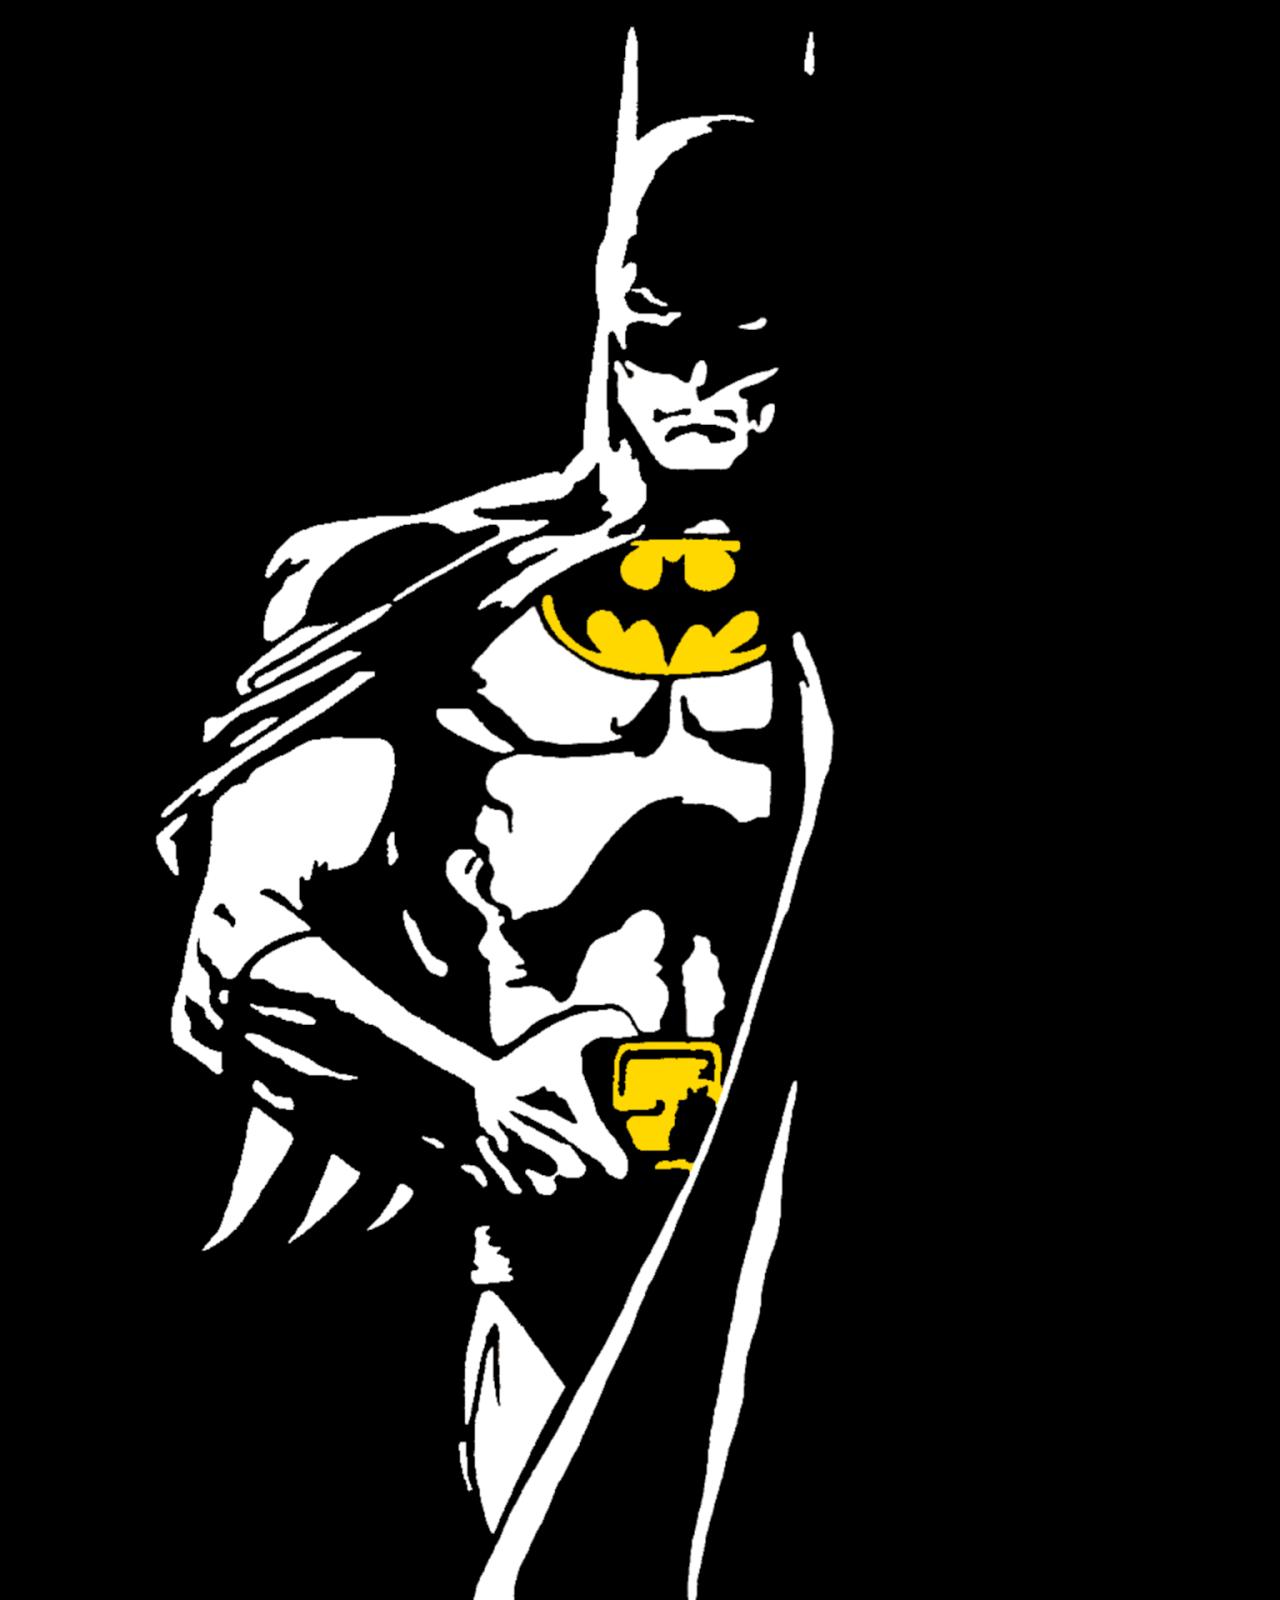 Resultado de imagen para batman pop art wallpaper | Dibujos animados ...